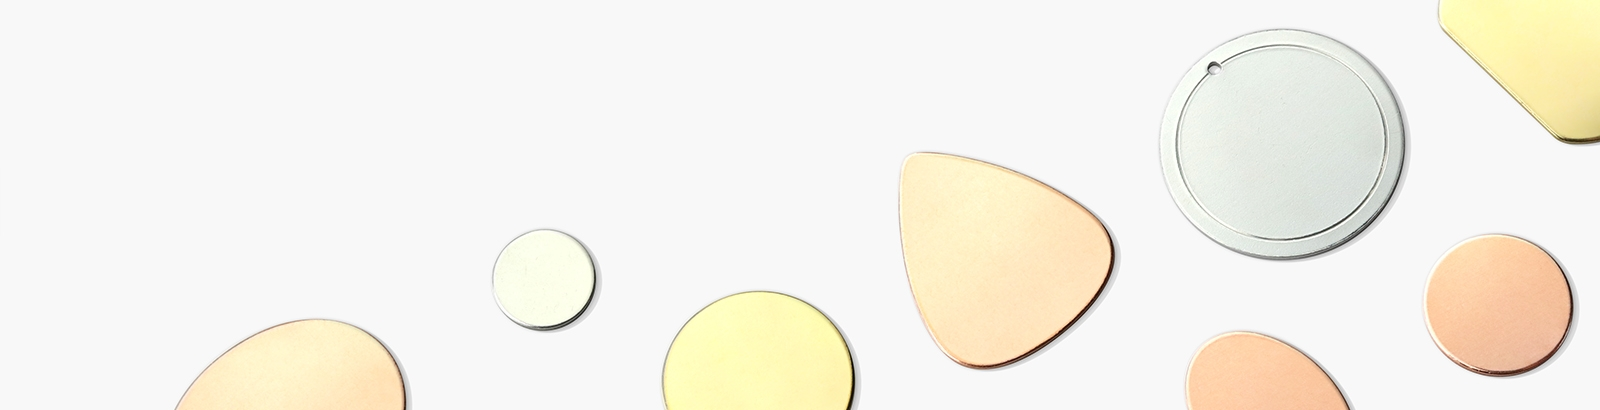 Premium Stamping Blanks